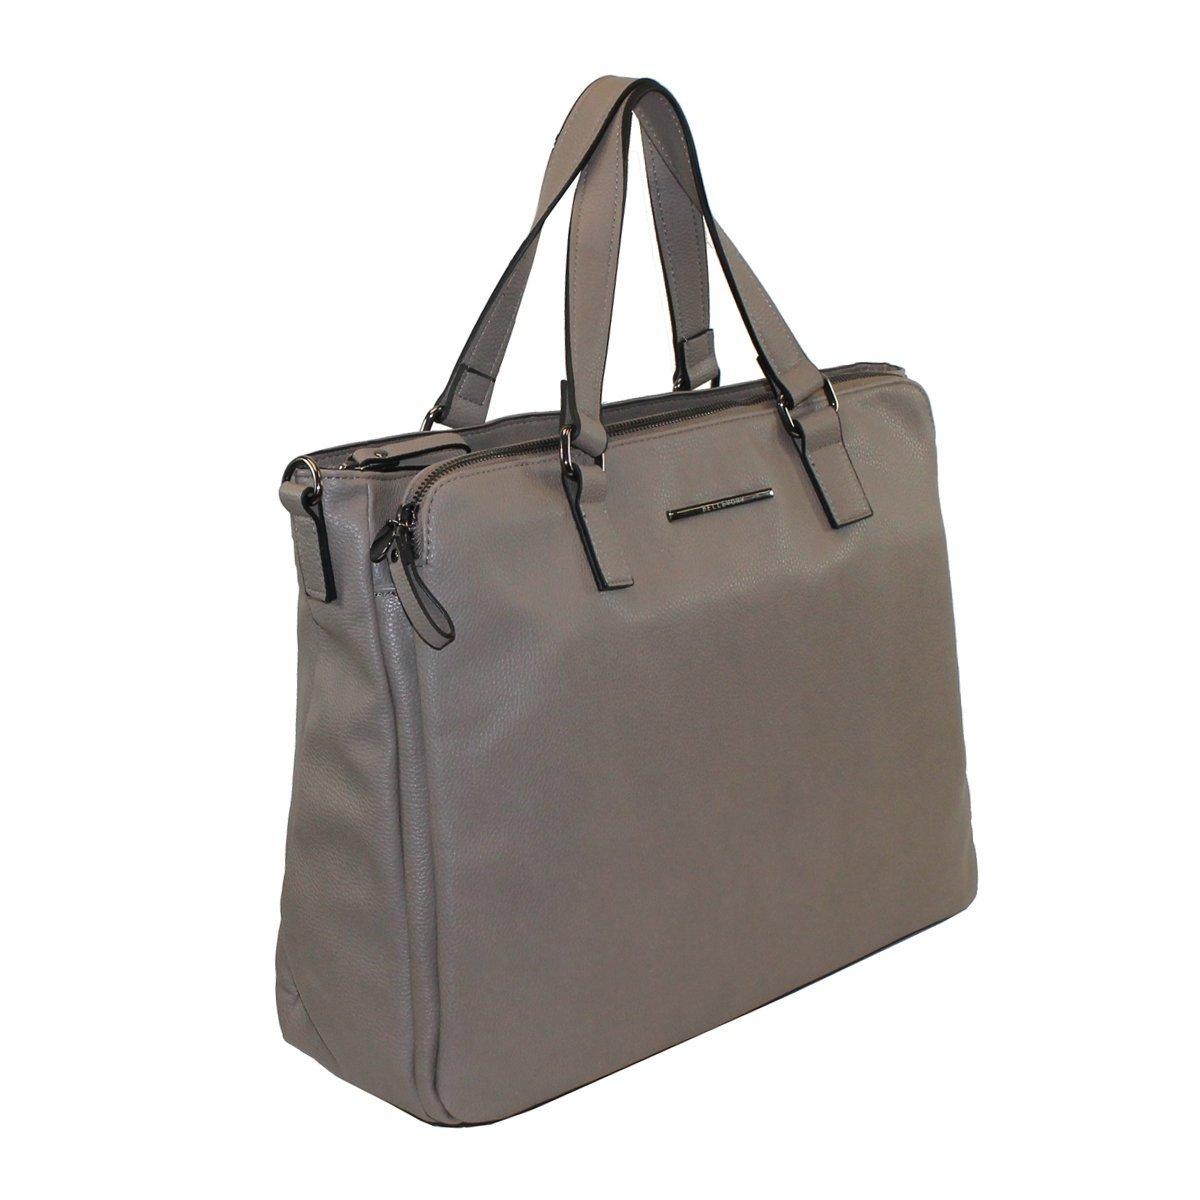 96e744c83b69b Bellevory Damen Businesstasche (Navy)  Amazon.de  Schuhe   Handtaschen